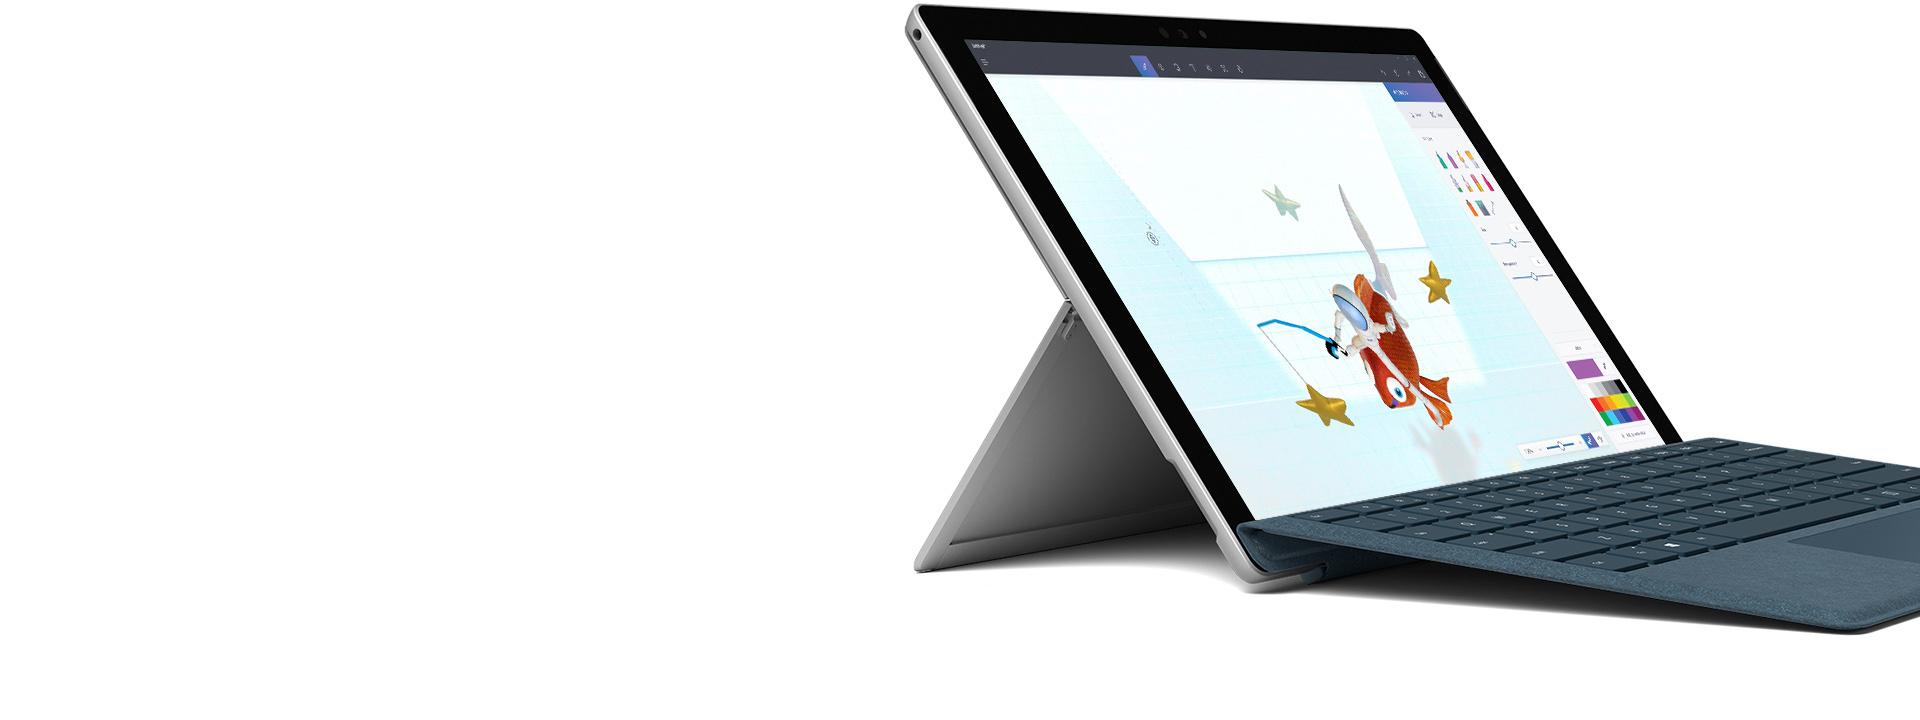 Surface Pro dalam Mod Komputer Riba dengan Pen dan Type Cover.